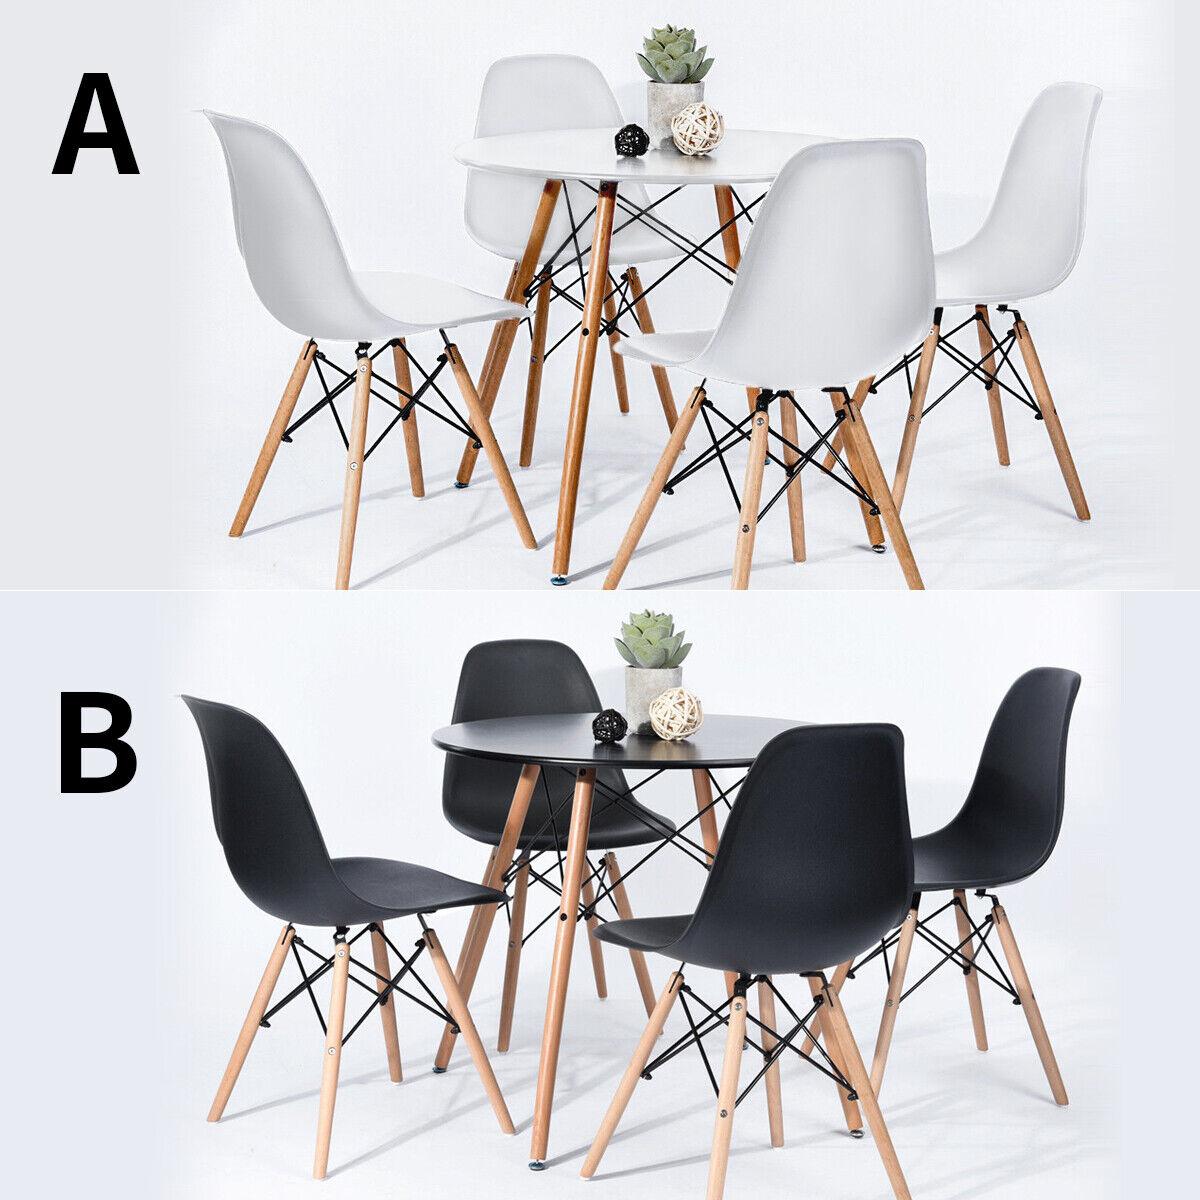 IPOTIUS Esstisch Runde für 4 Personen Esstisch + 4 schwarz Stühle Küchentisch